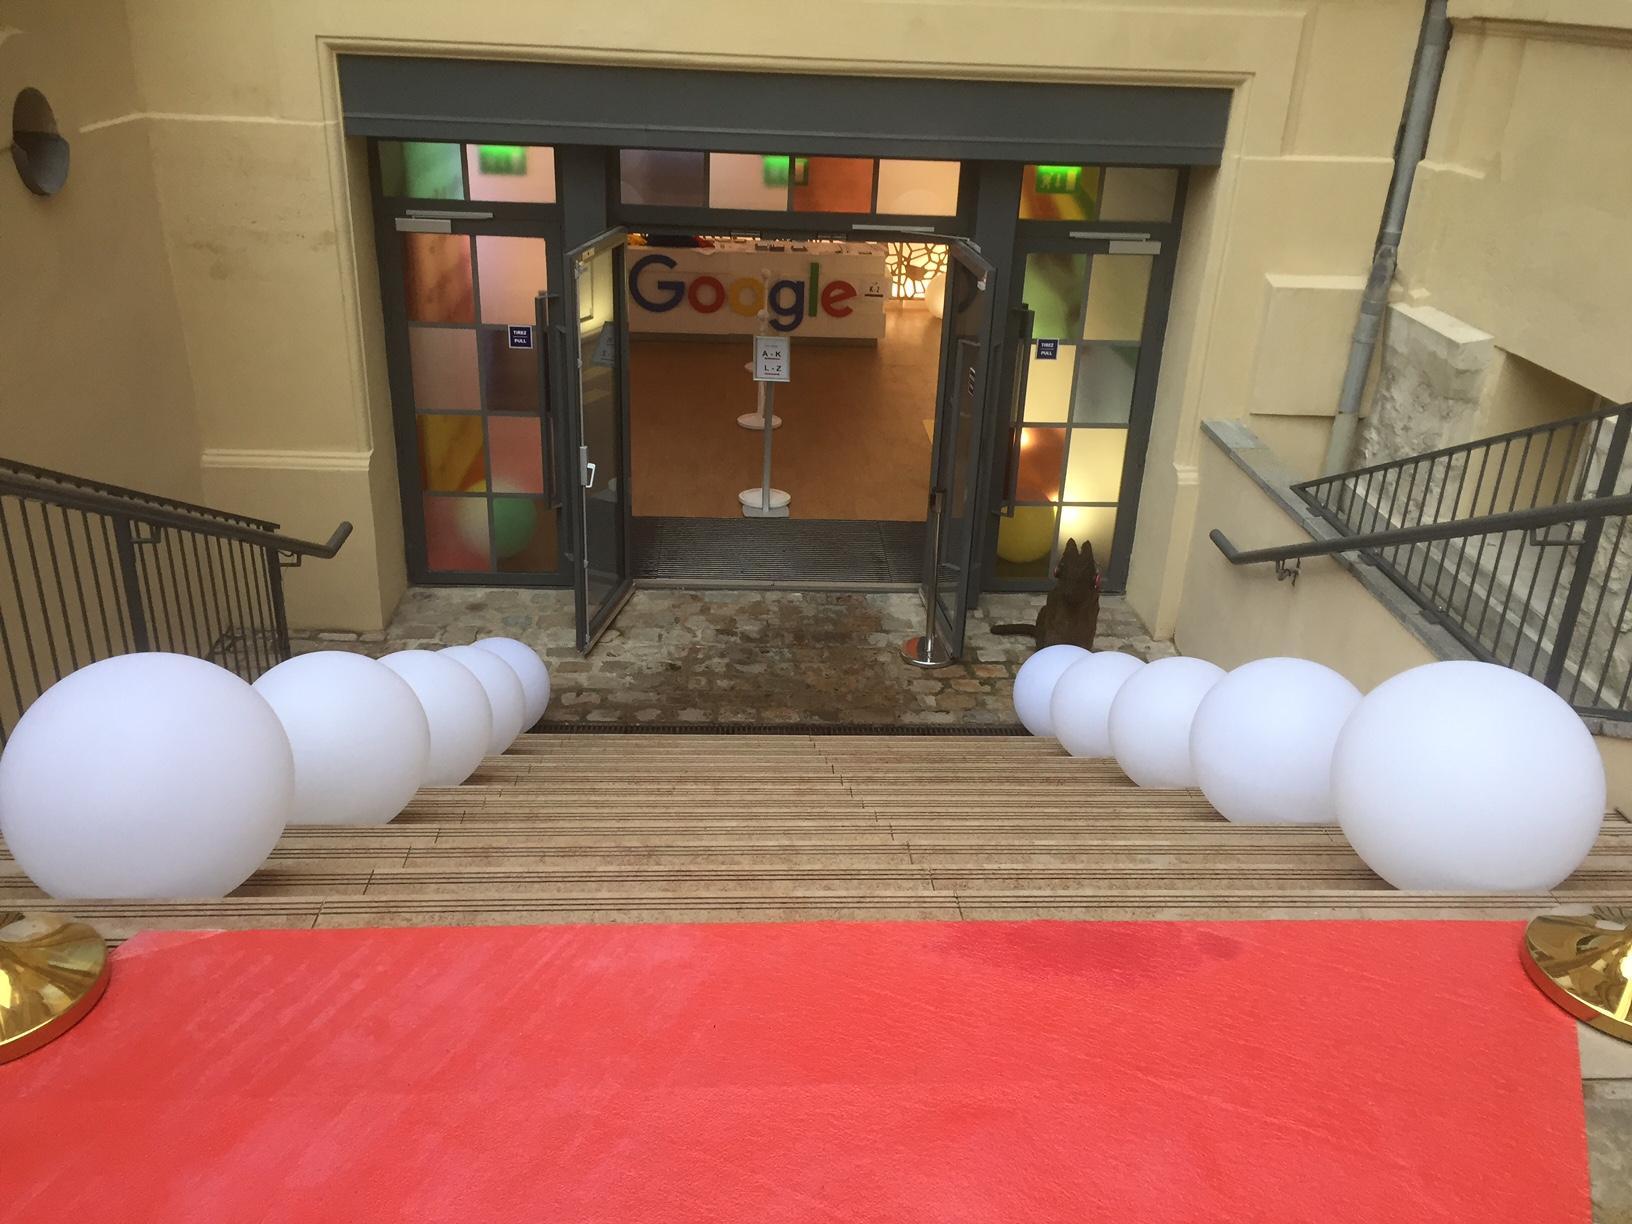 Installation D 39 Un Tapis Rouge Avec Potelets Dor S Et Boules Lumineuses Dans Les Locaux De Google